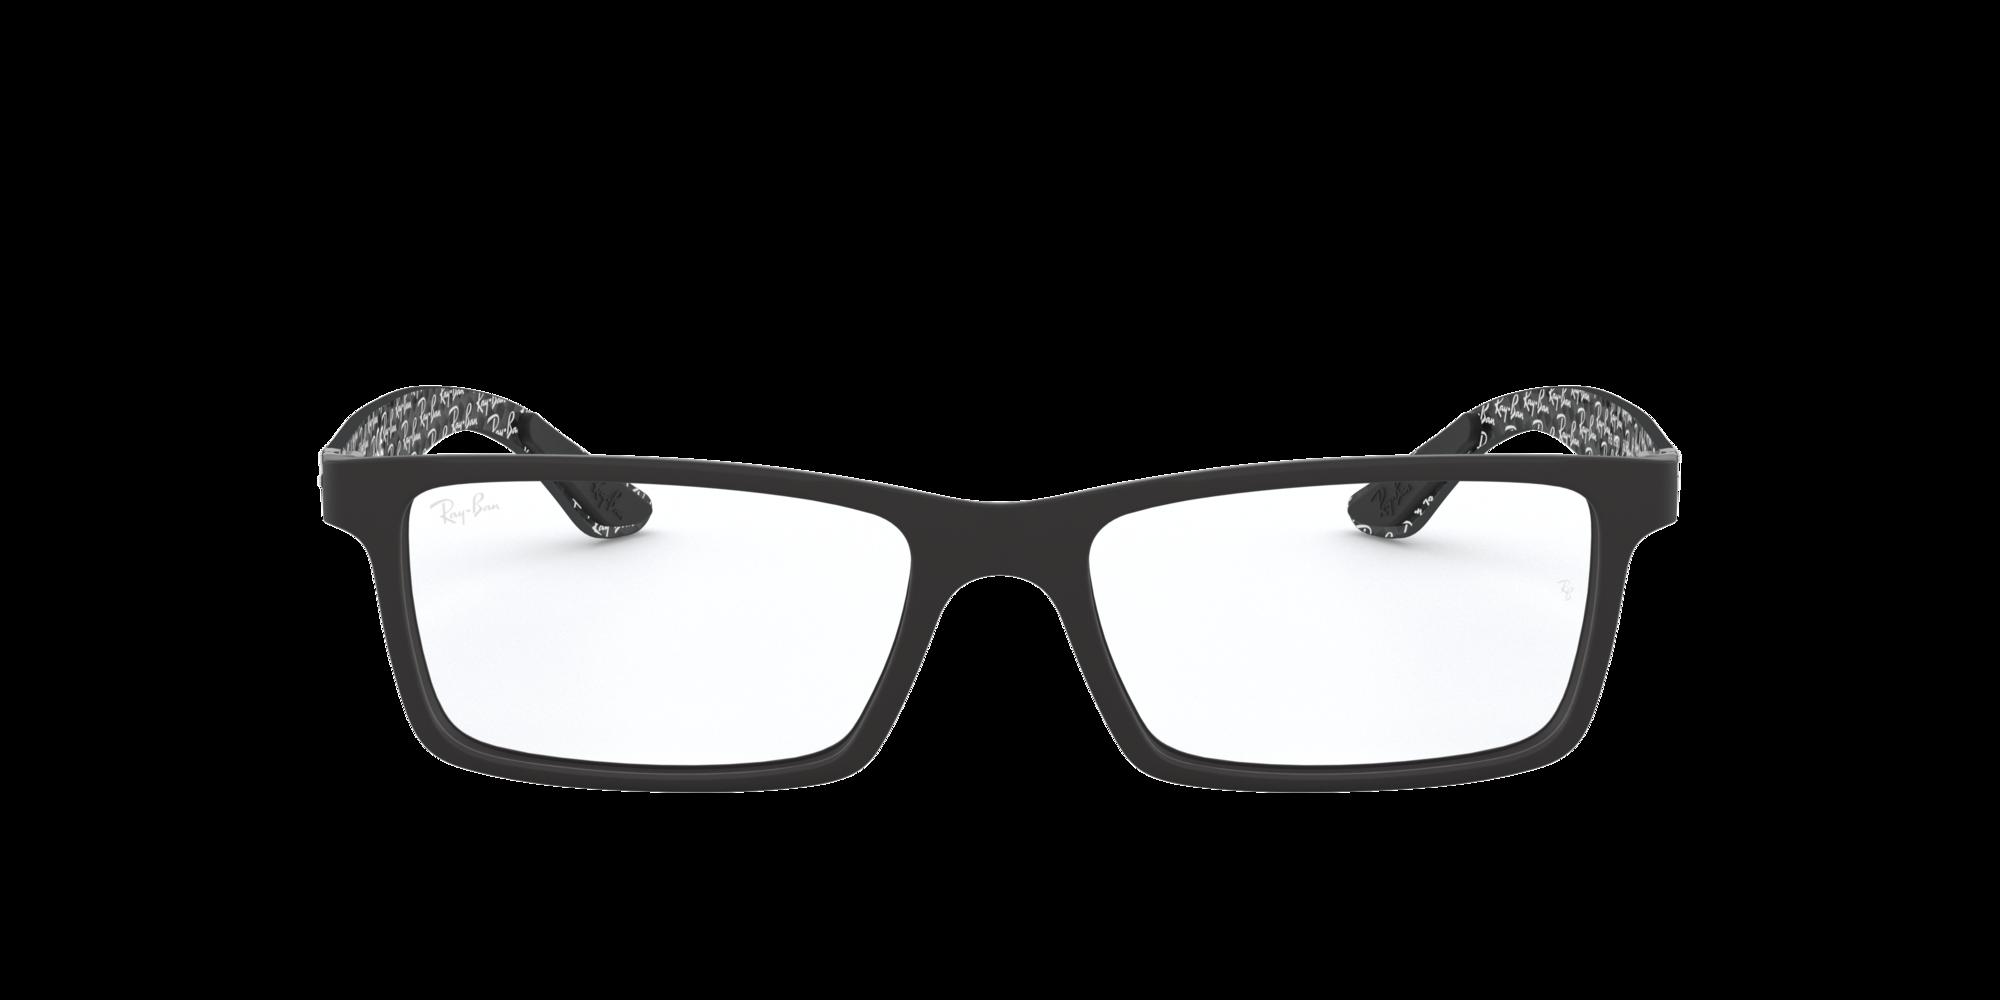 Imagen para RX8901 de LensCrafters    Espejuelos, espejuelos graduados en línea, gafas